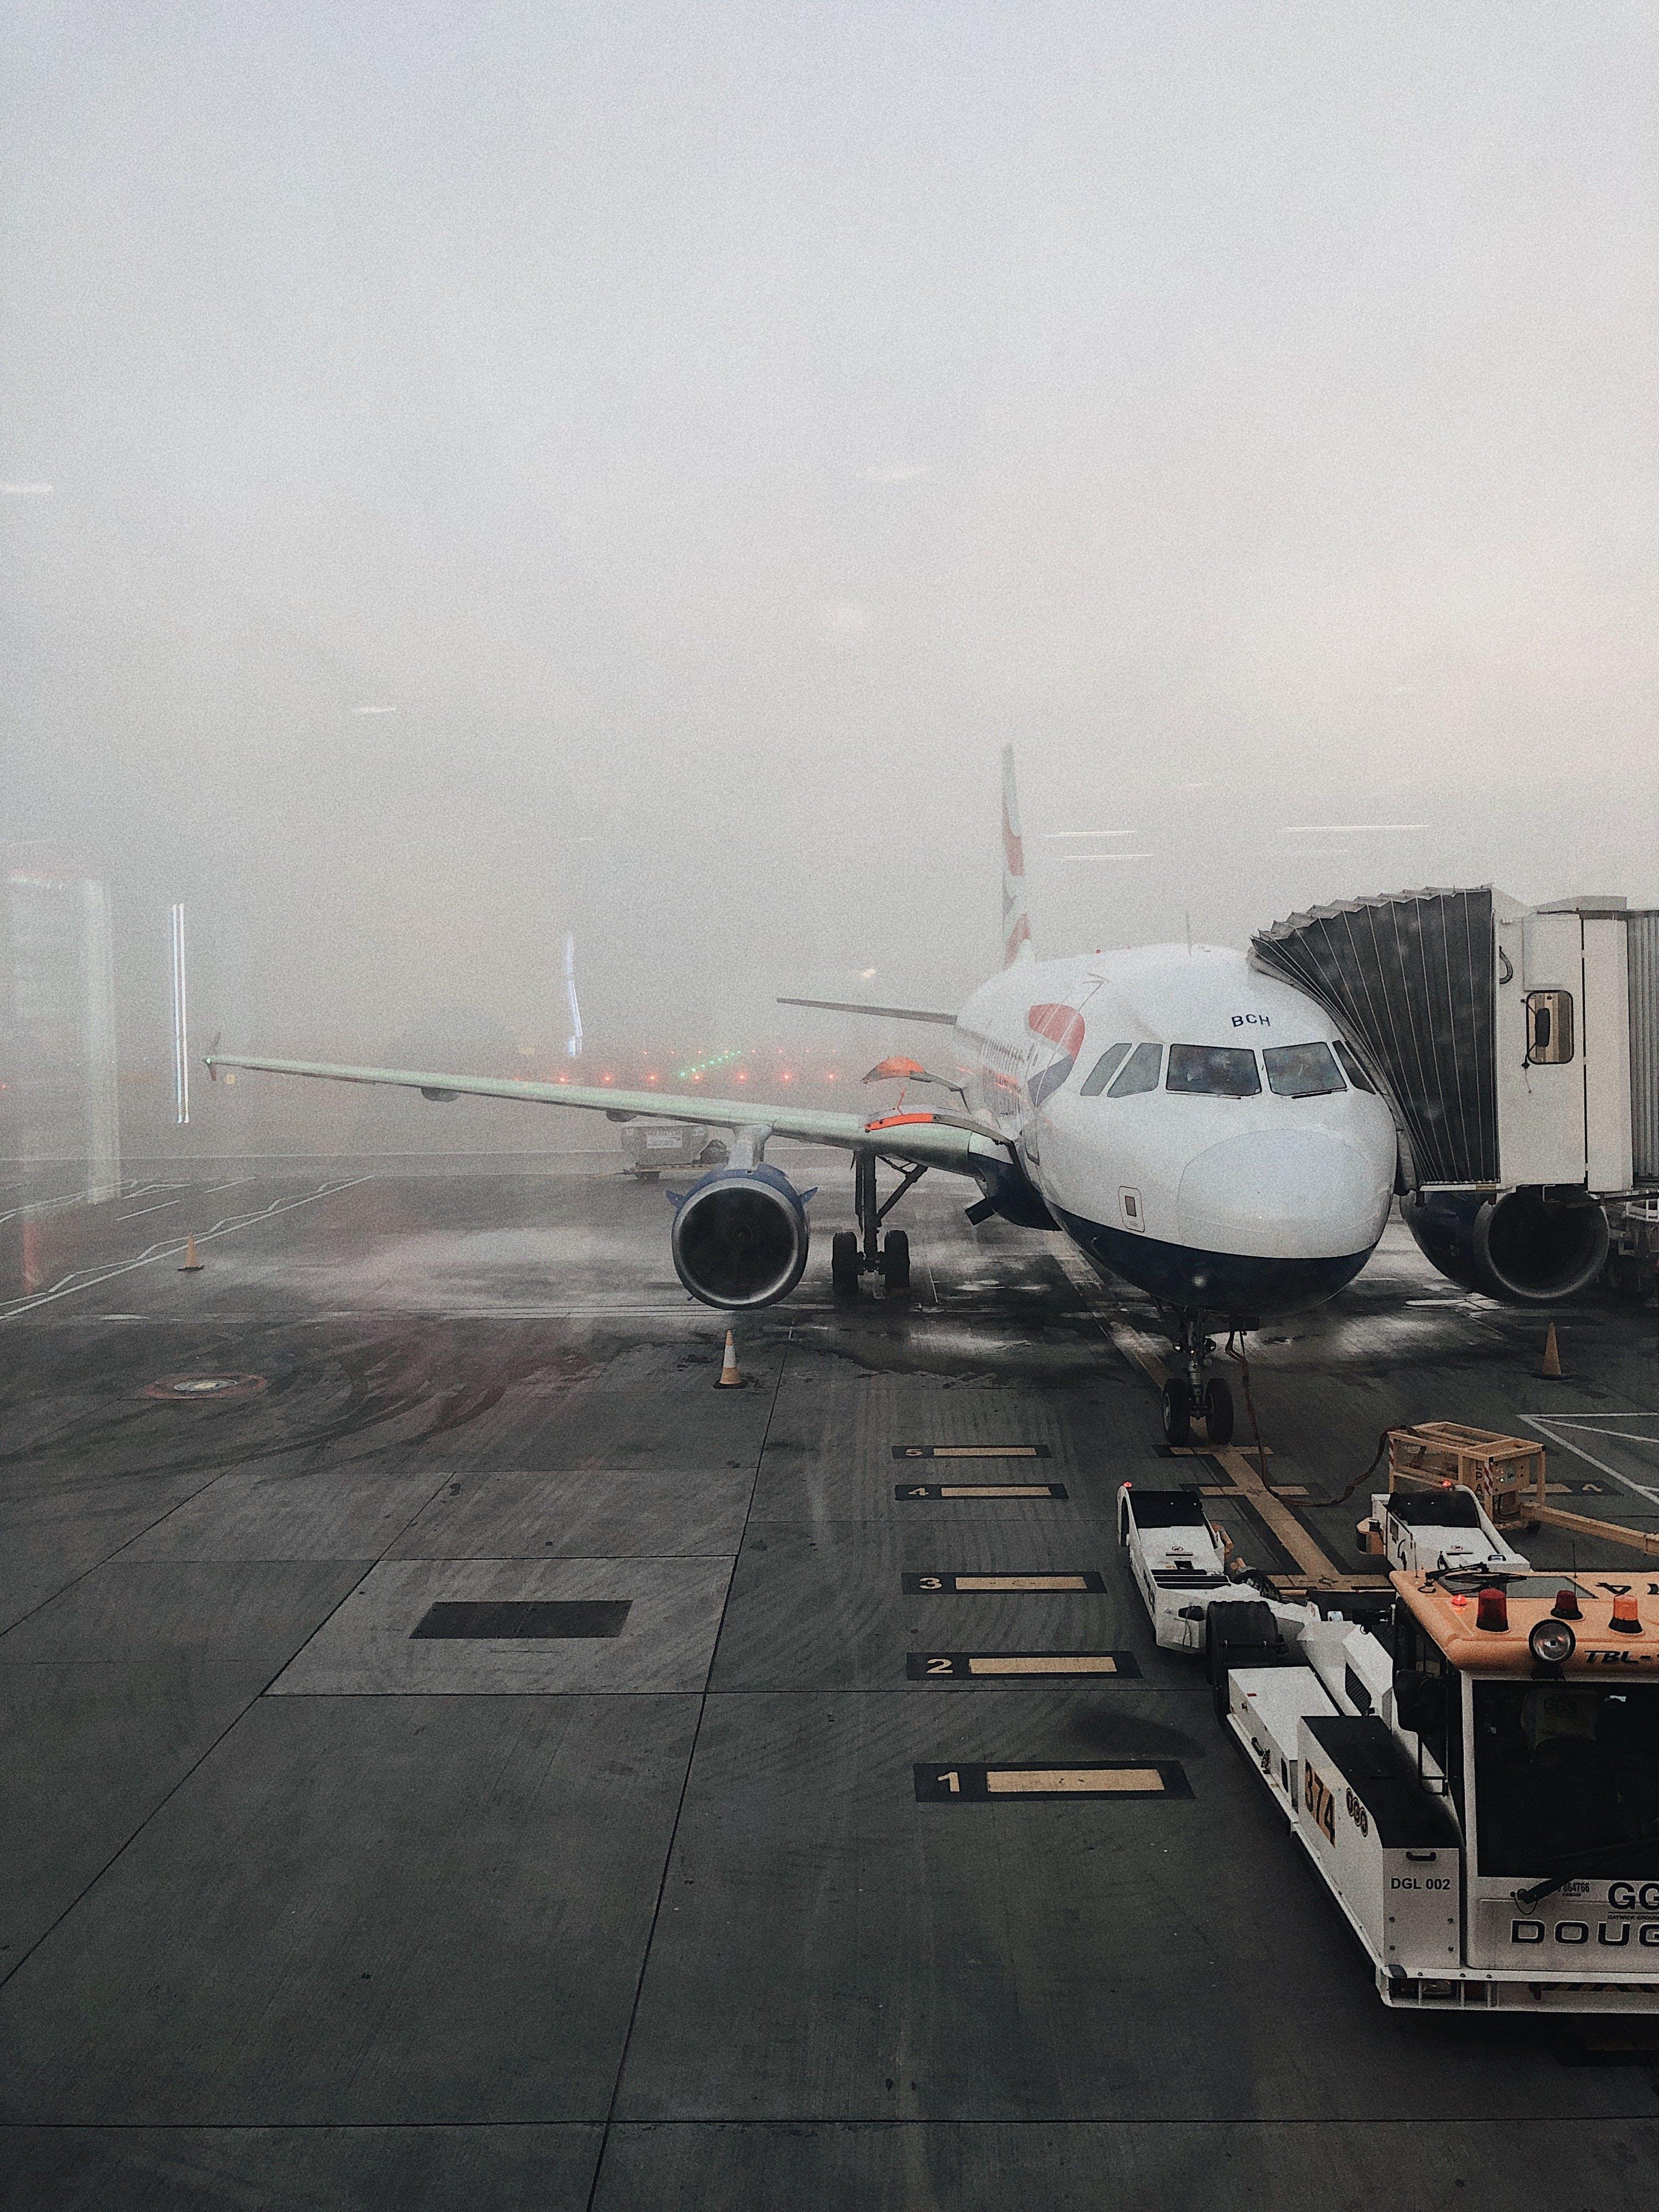 交通系統, 商業, 天氣, 客機 的 免費圖庫相片